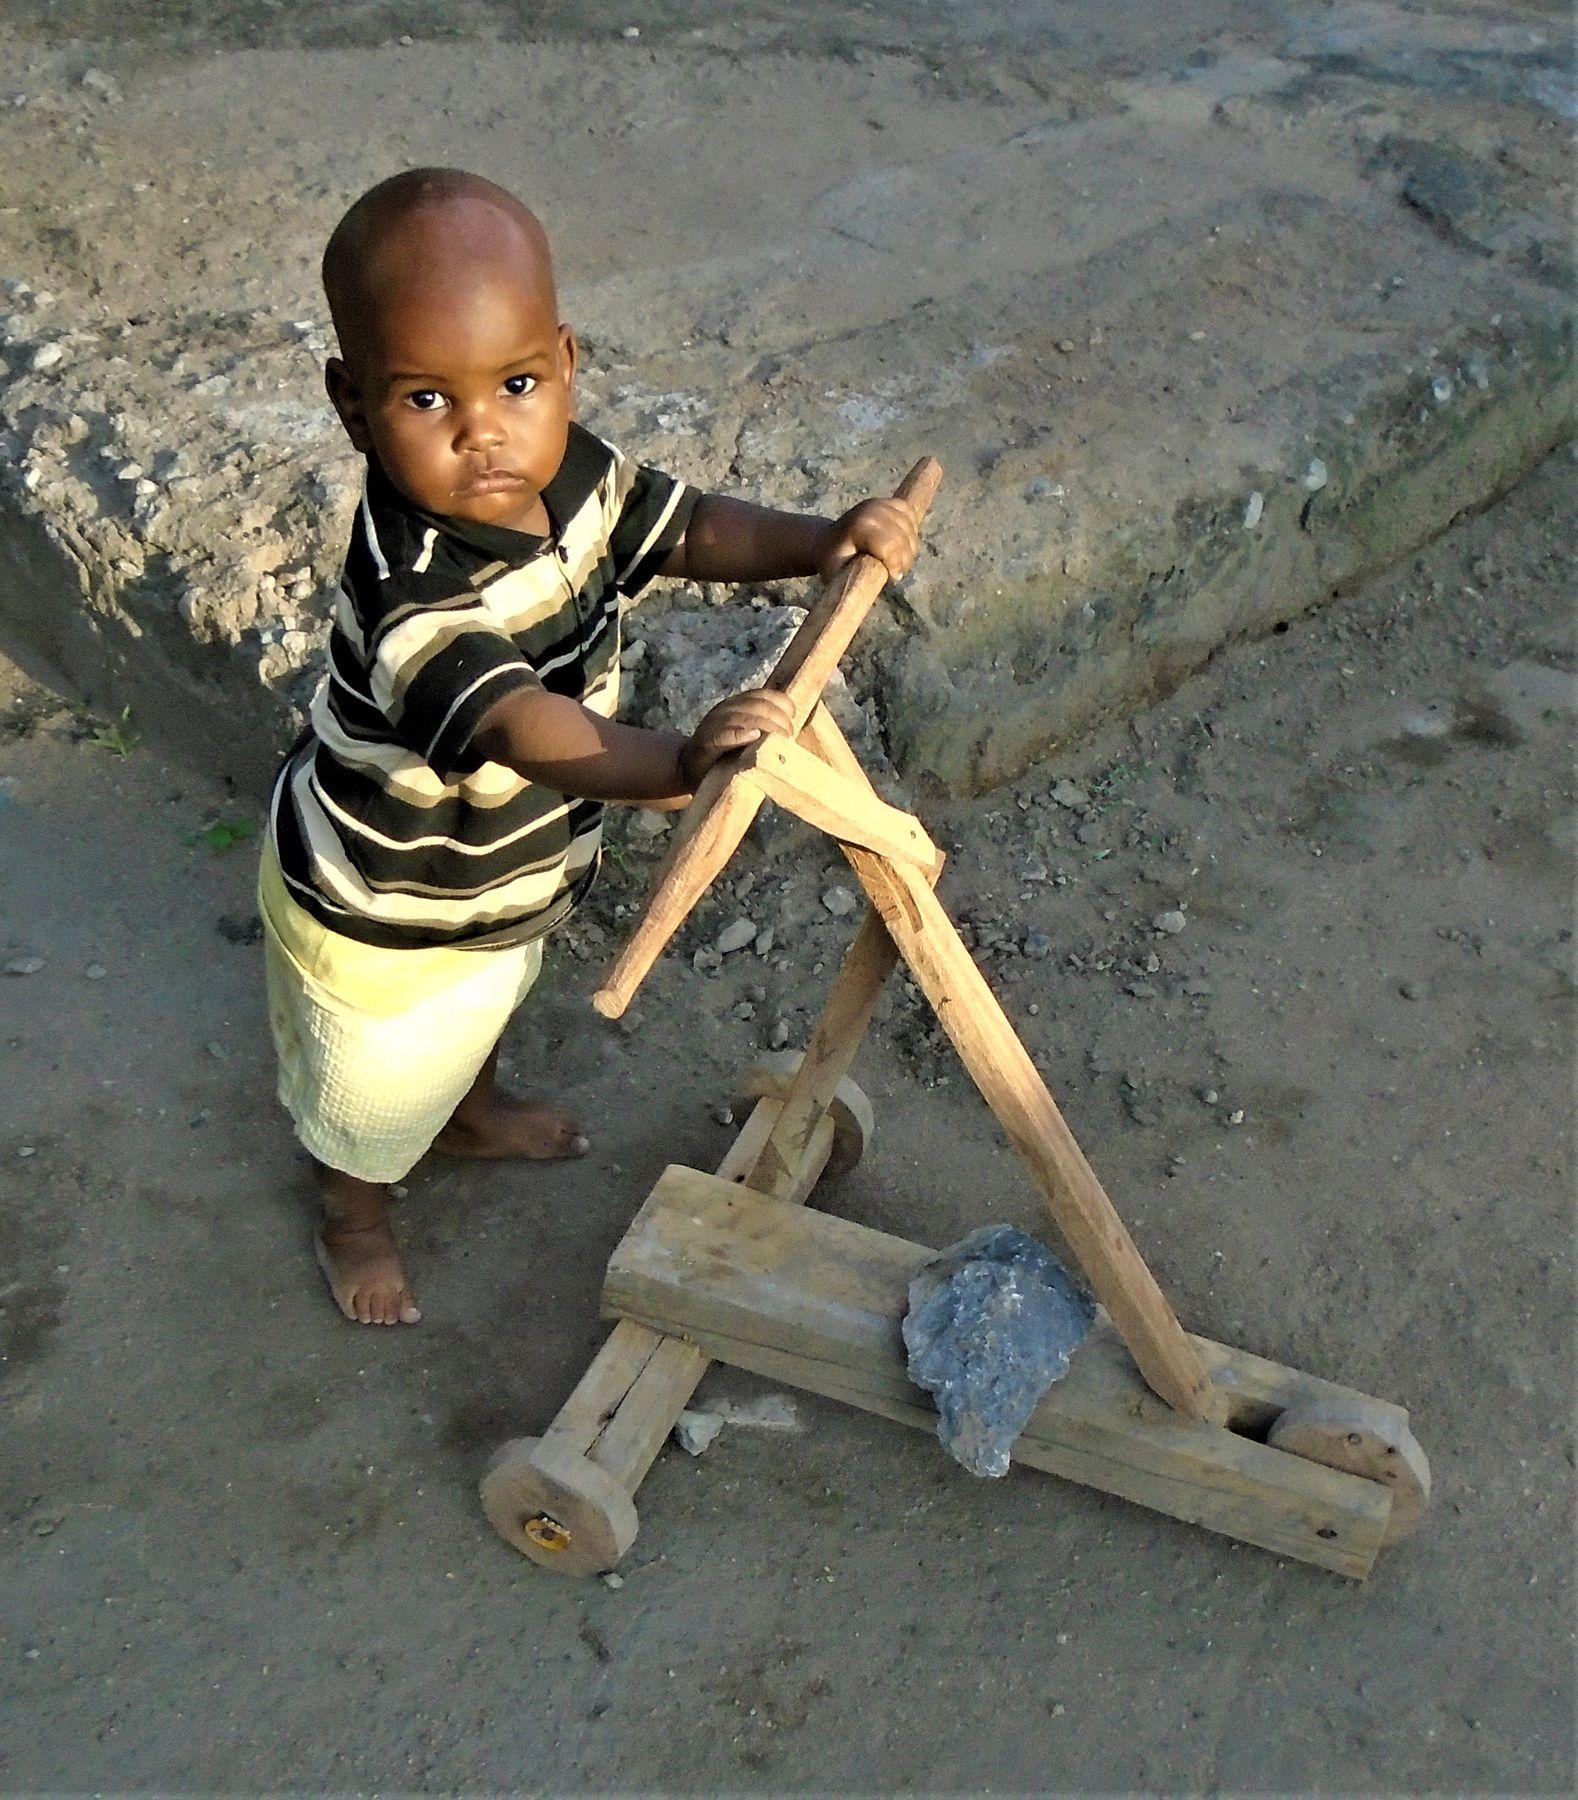 Танзания. Малыш. африка танзания